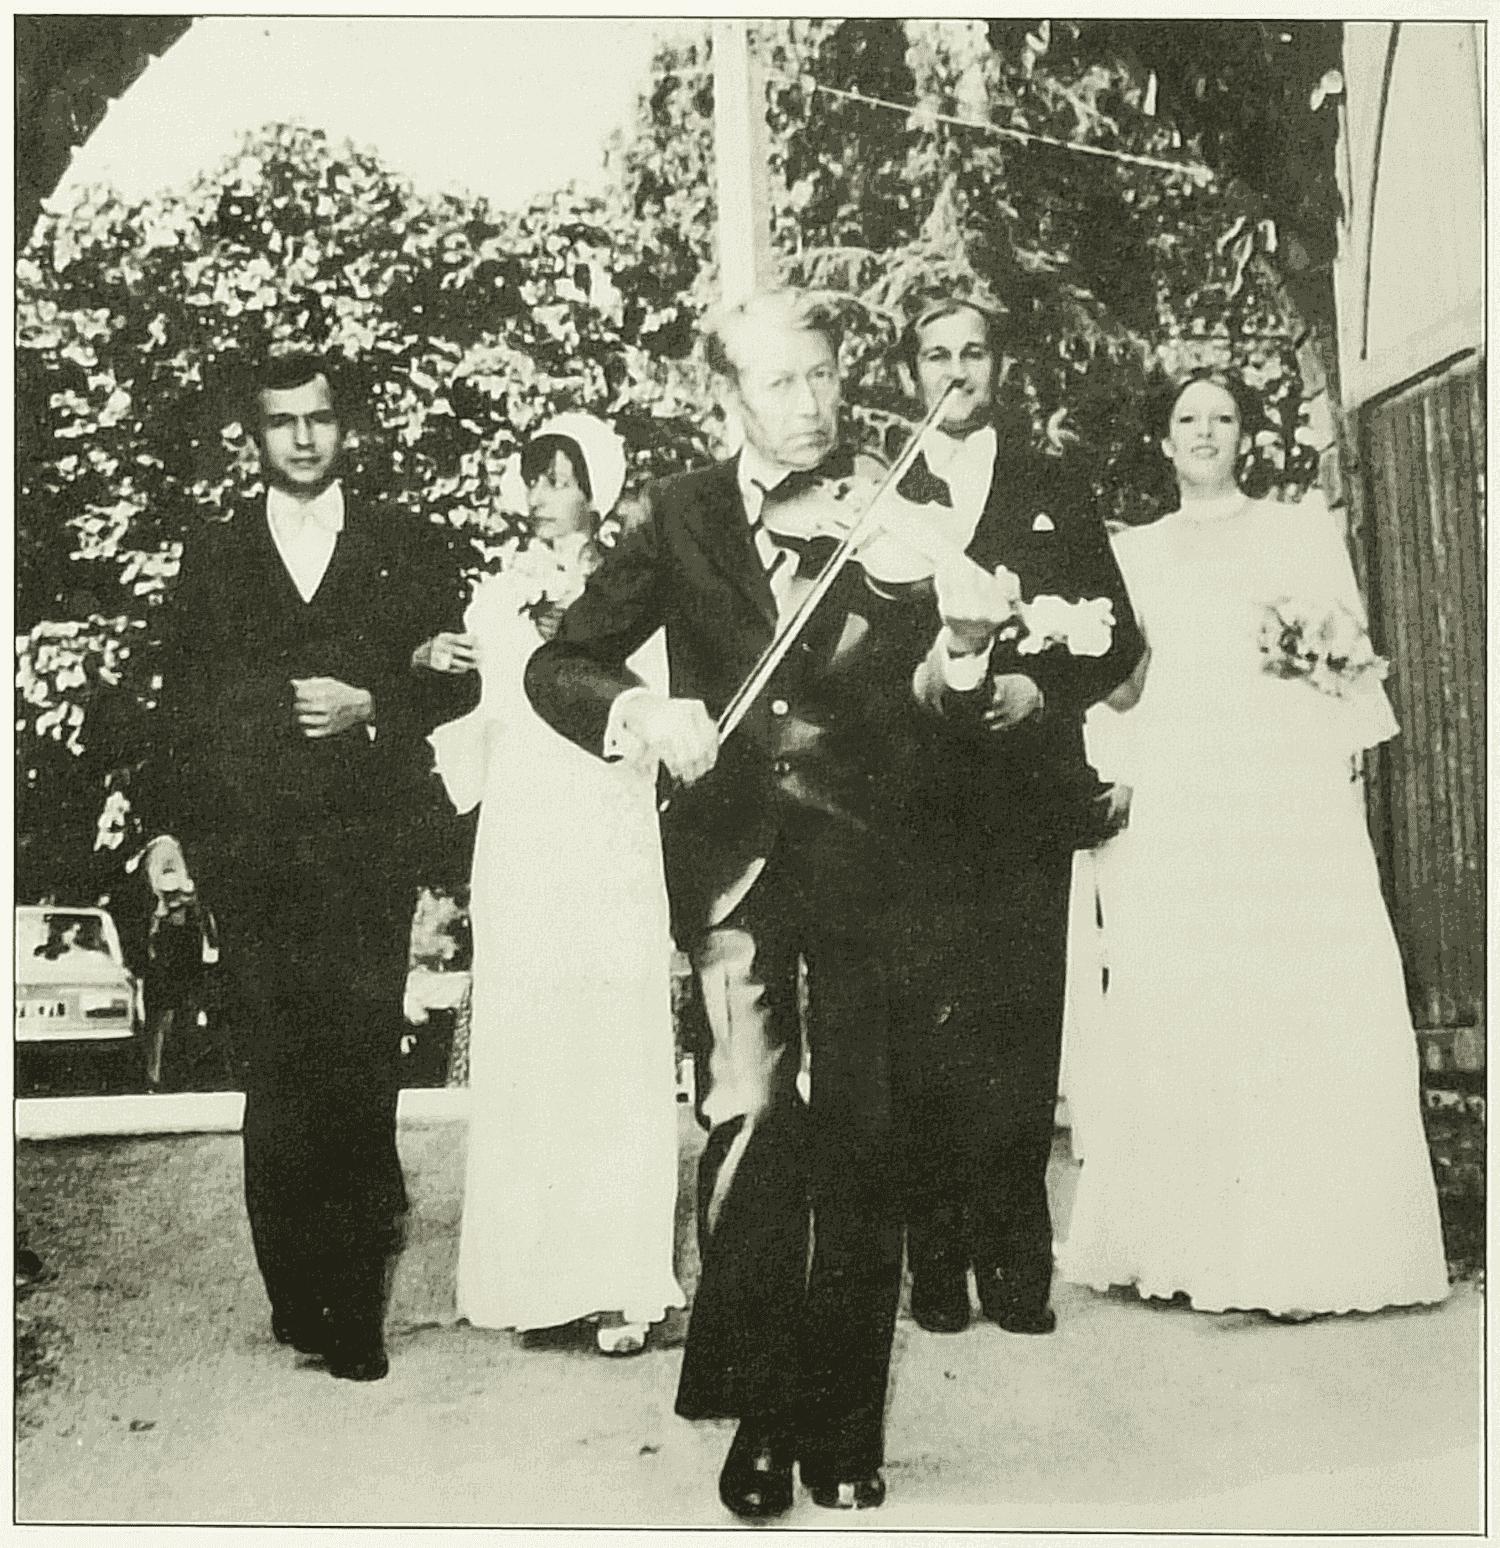 Cerizay (79). 22 juillet 1978. Auberge du Cheval Blanc. Alfred Talon au violon menant 2 couples de mariés.